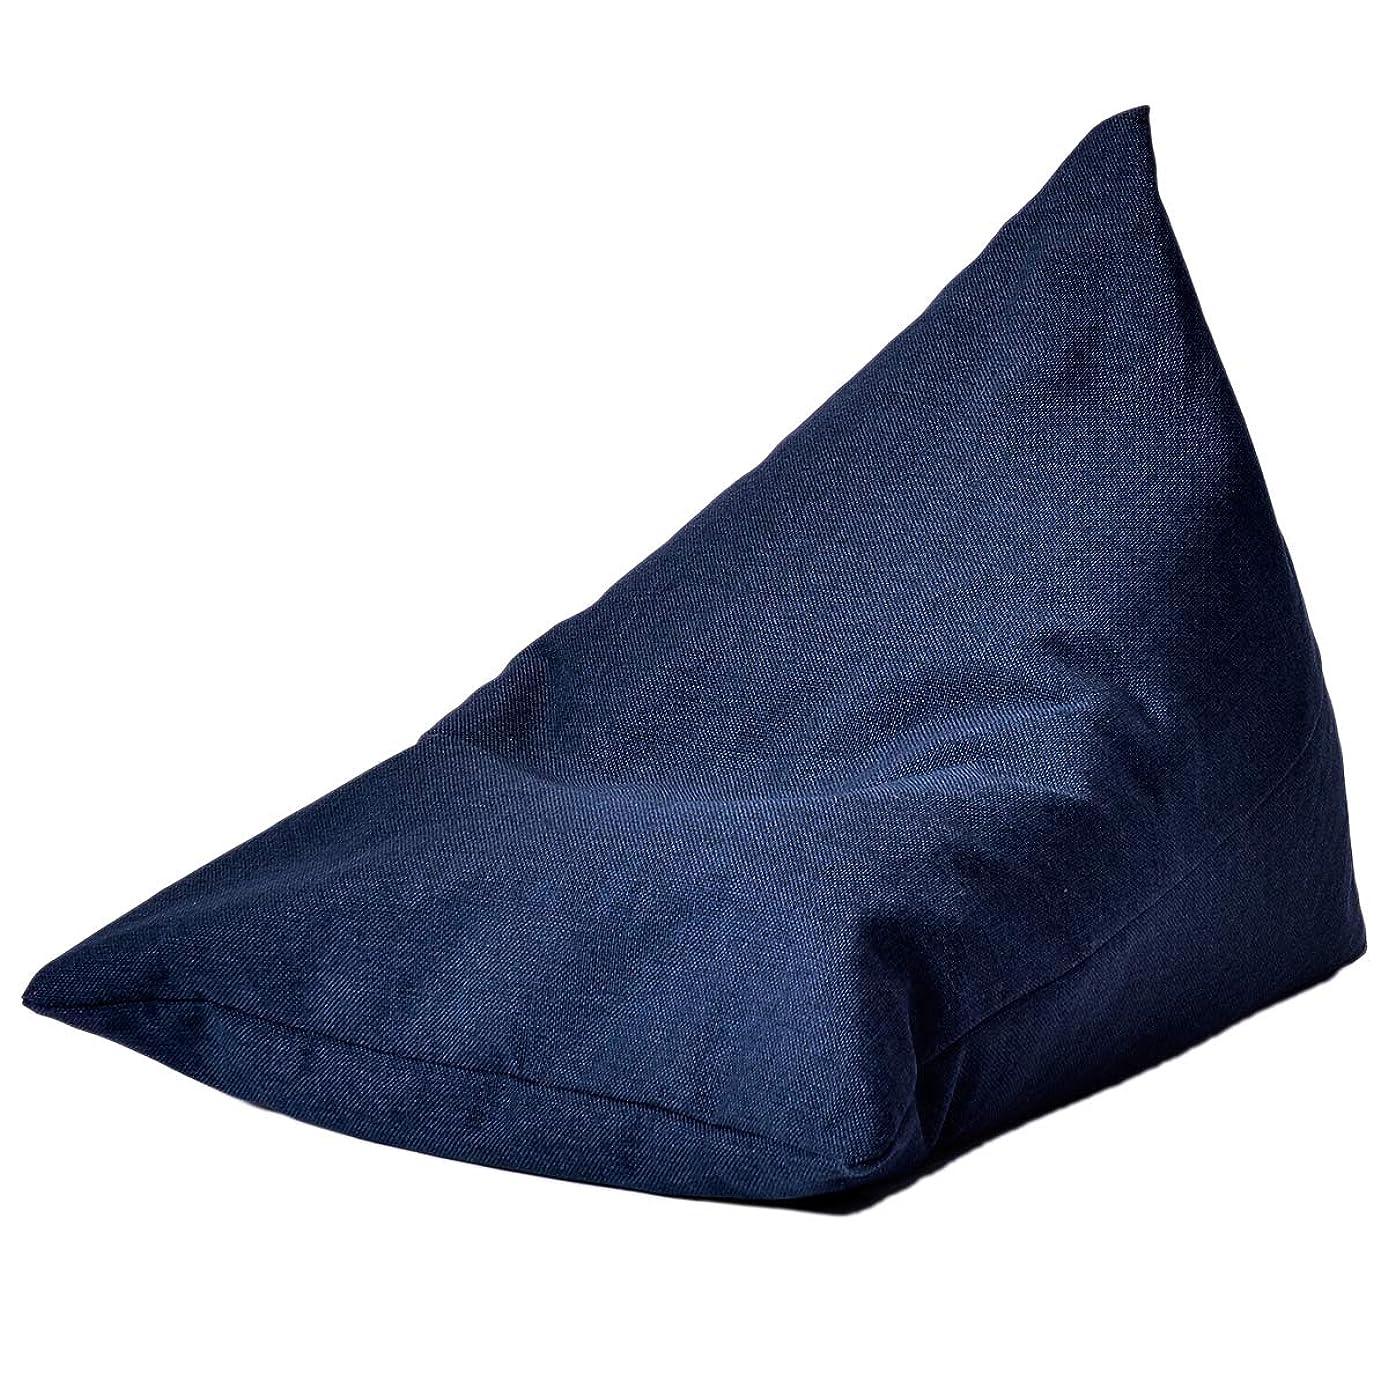 同時反動ボウリングOSLEEP ビーズクッション 洗える ビーズソファ 背もたれ かわいい座椅子 座布団 人をダメにするソファ 極小ビーズ カバー 5色 (ネービー, Lサイズ)